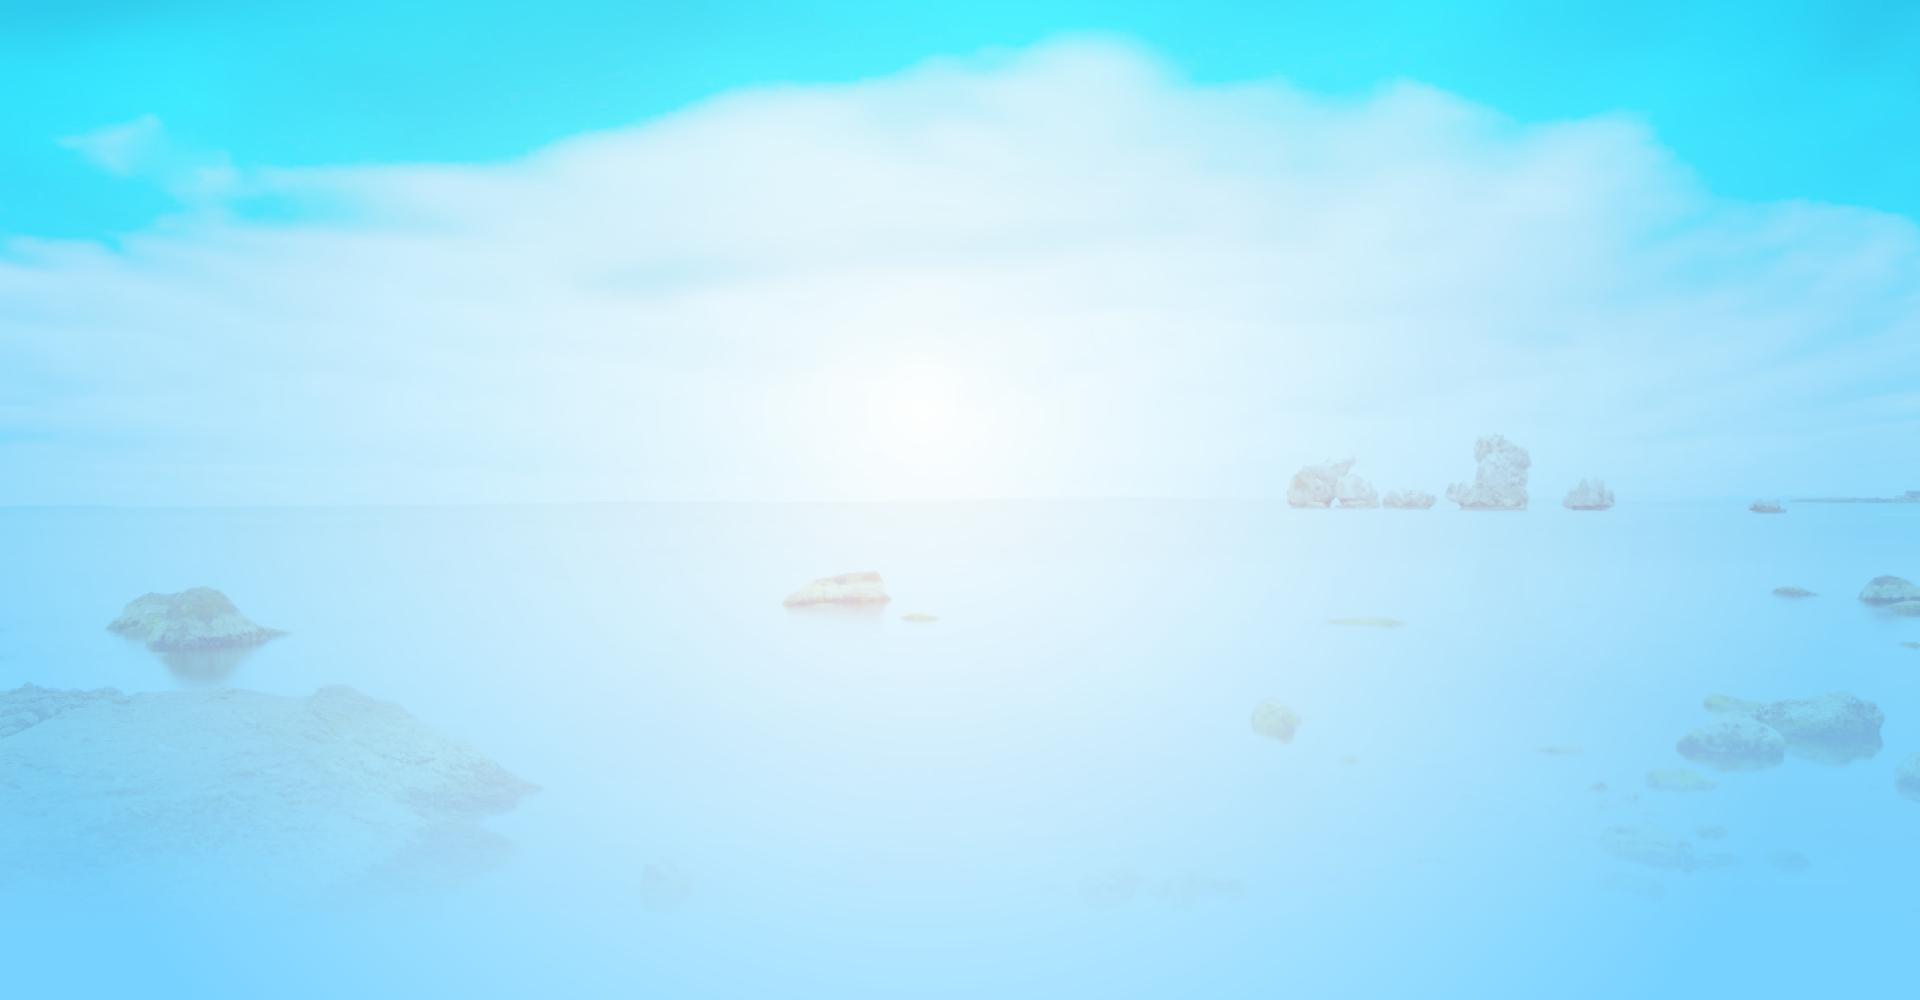 Blue Slider image